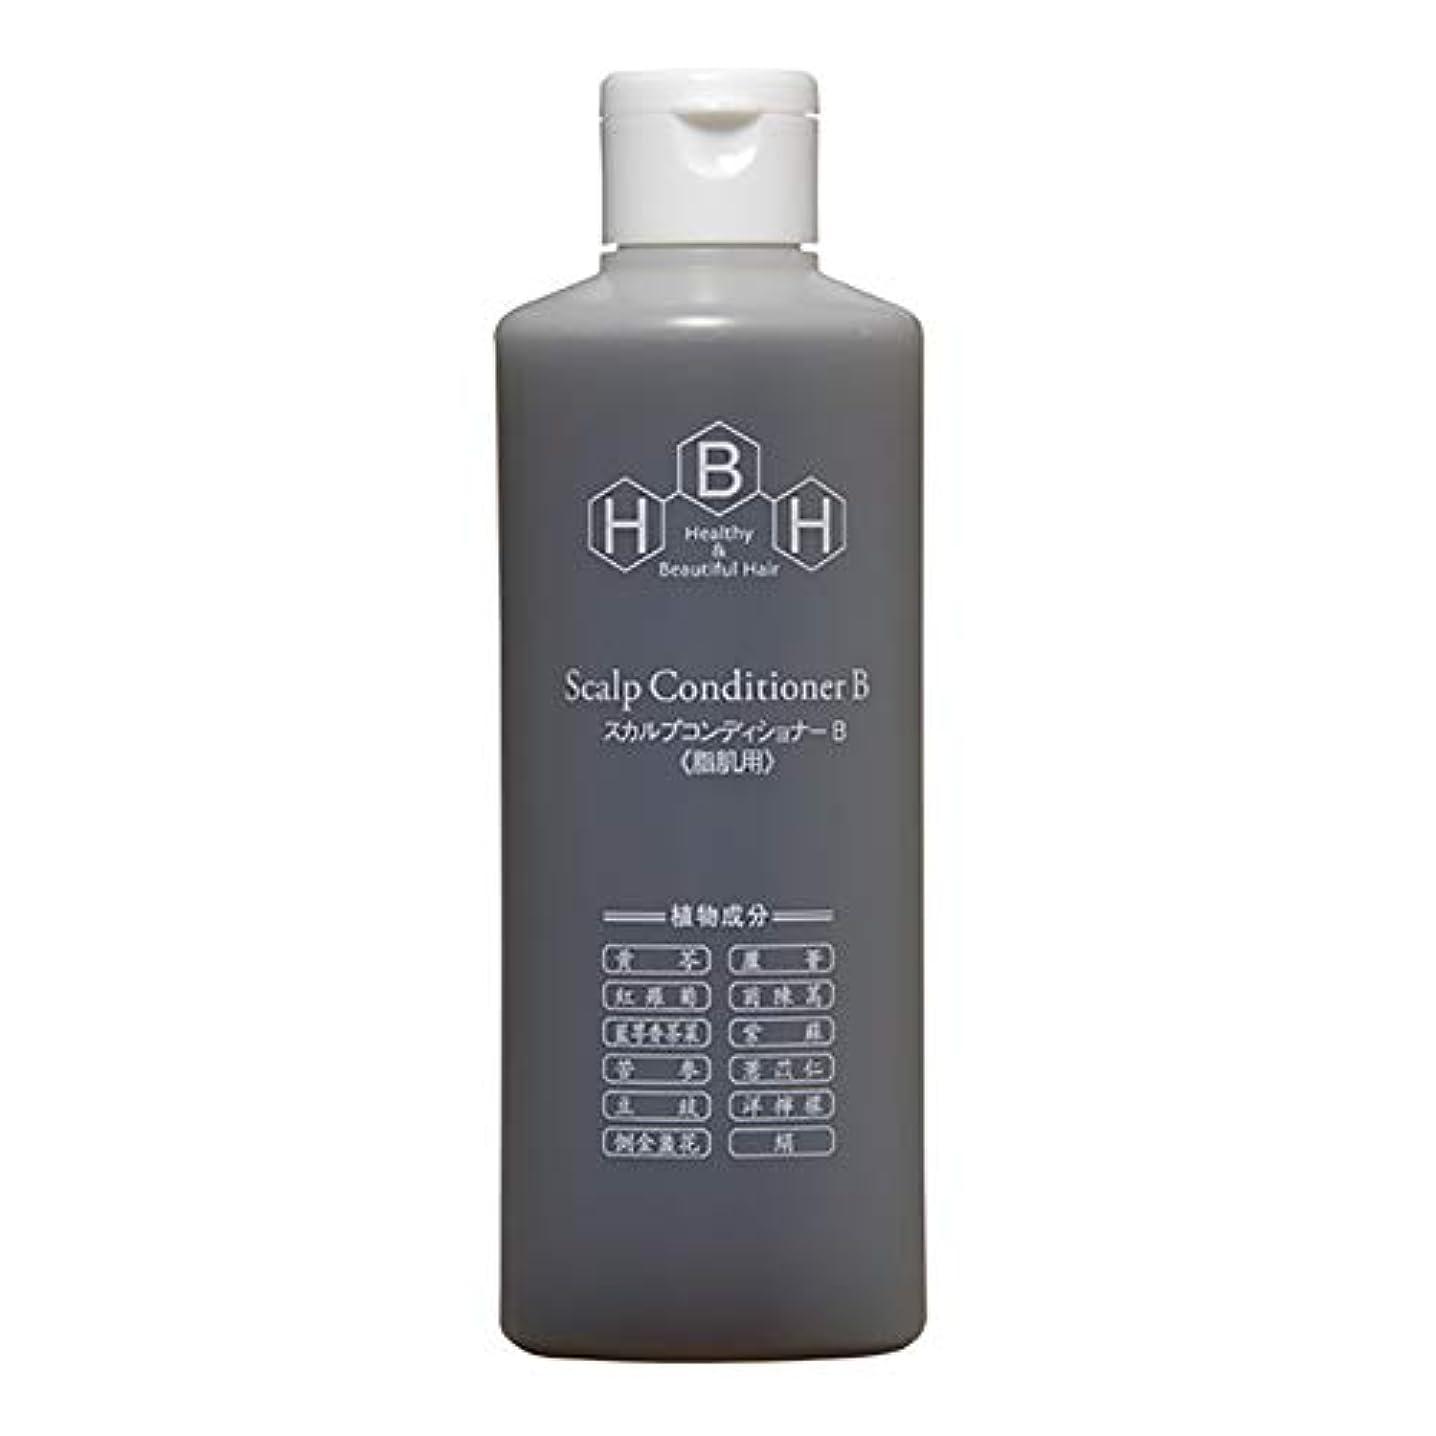 ひそかに突き刺す繁栄するリーブ21 スカルプコンディショナーB 脂性肌用 300ml 育毛 コンディショナー 皮脂